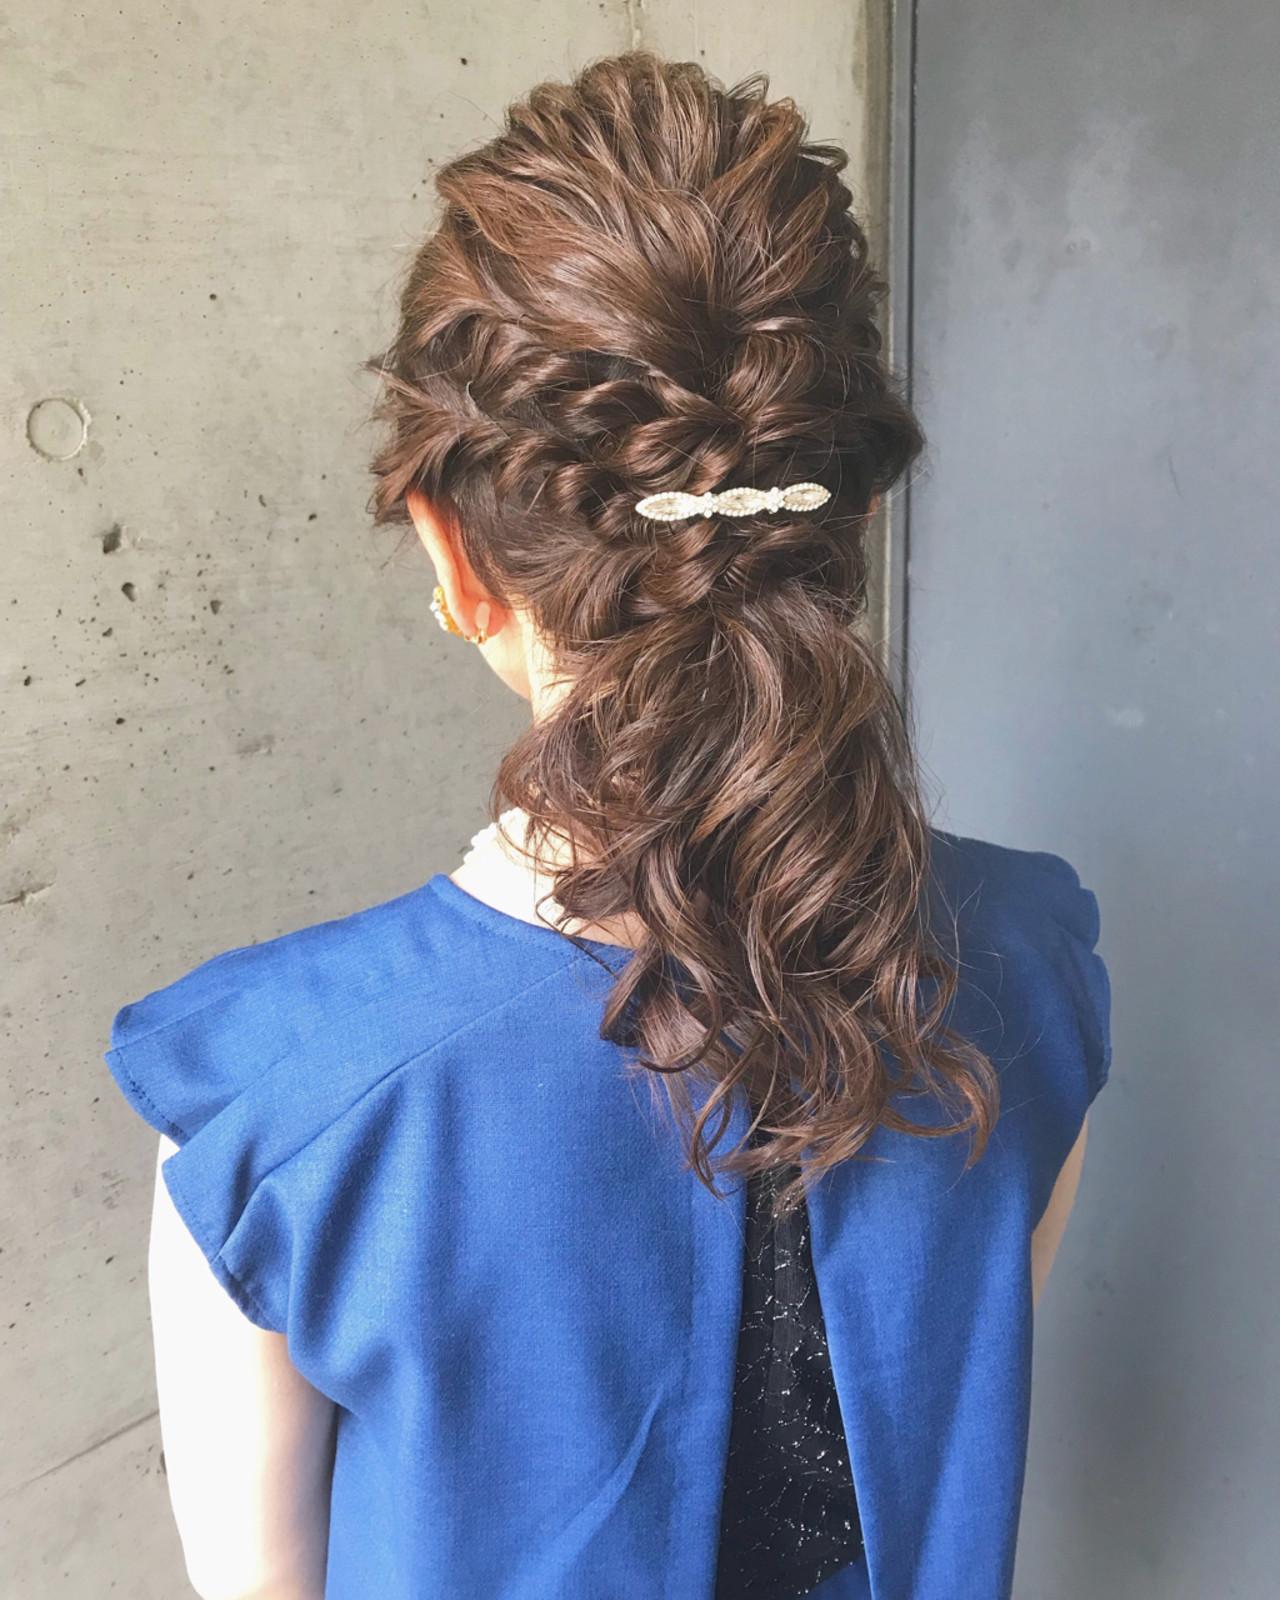 結婚式にぴったりサイド編み込みアレンジ ♡ m i w a ♡schritt渋谷  schritt (シュリット)渋谷